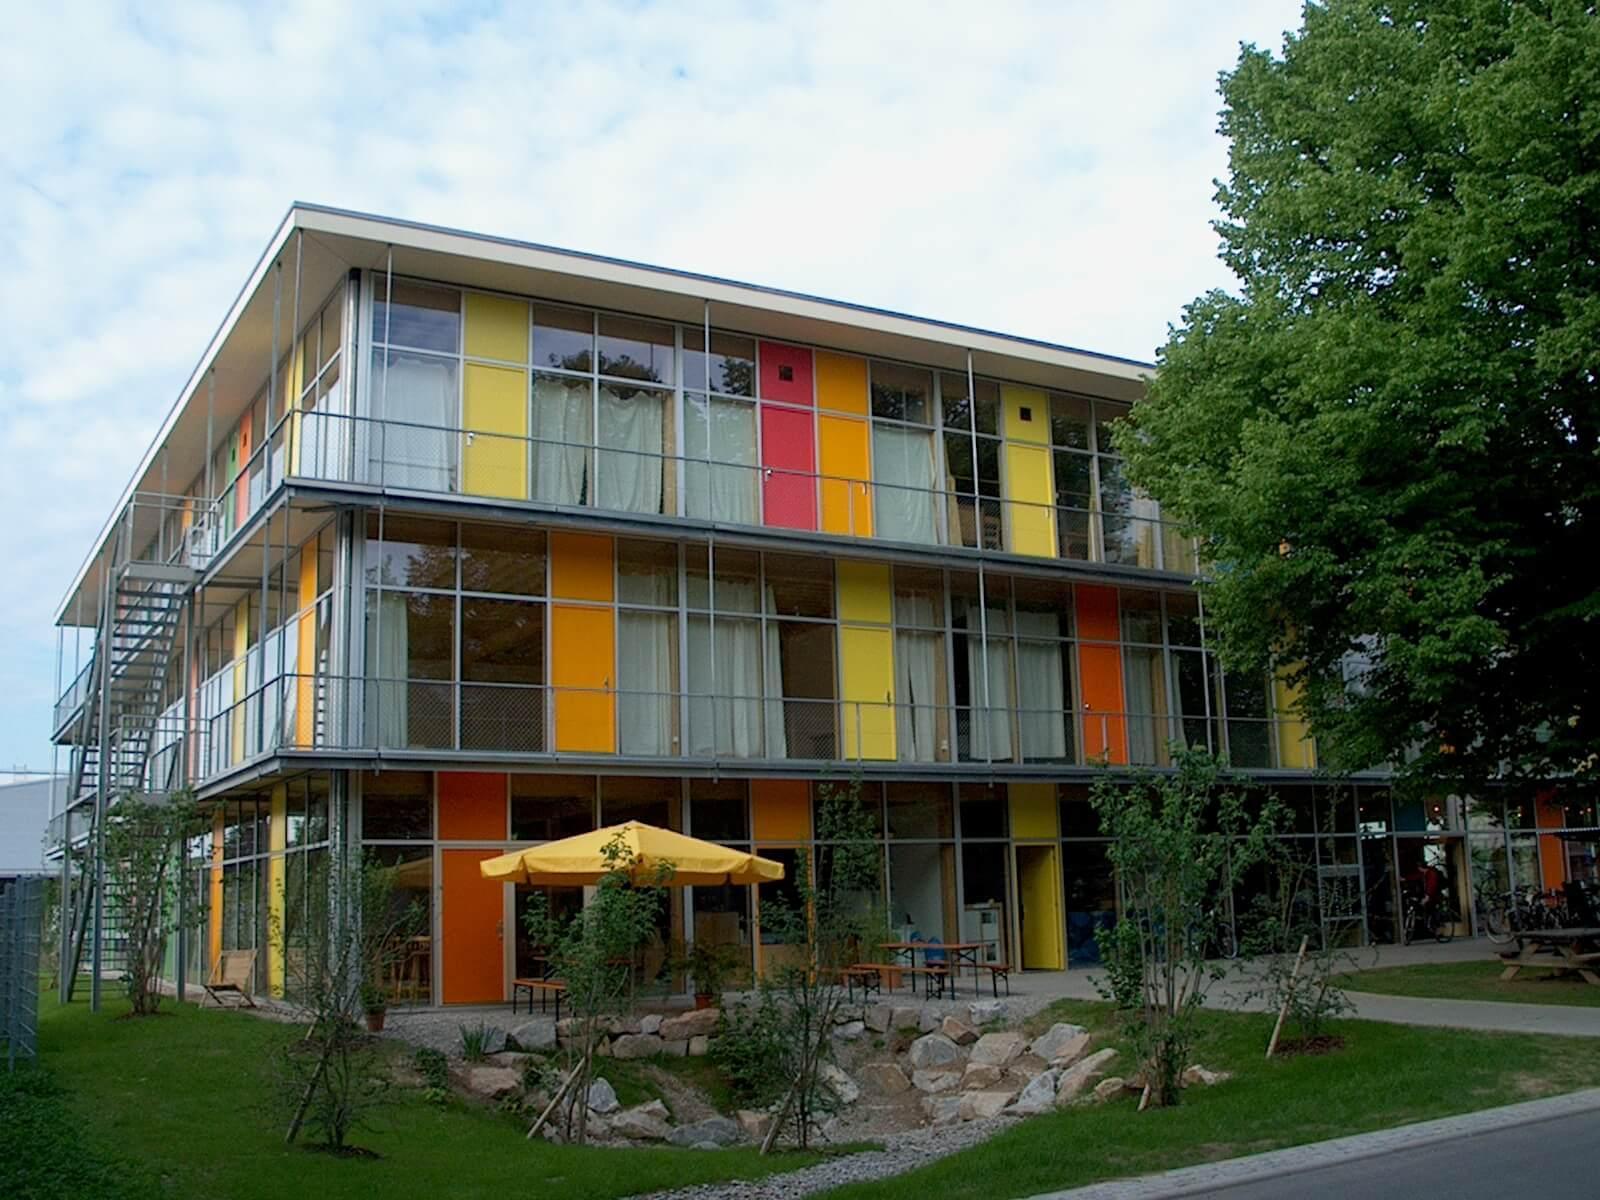 Architektur Freiburg projekte im stadtteil vauban http bross kurzenberger de